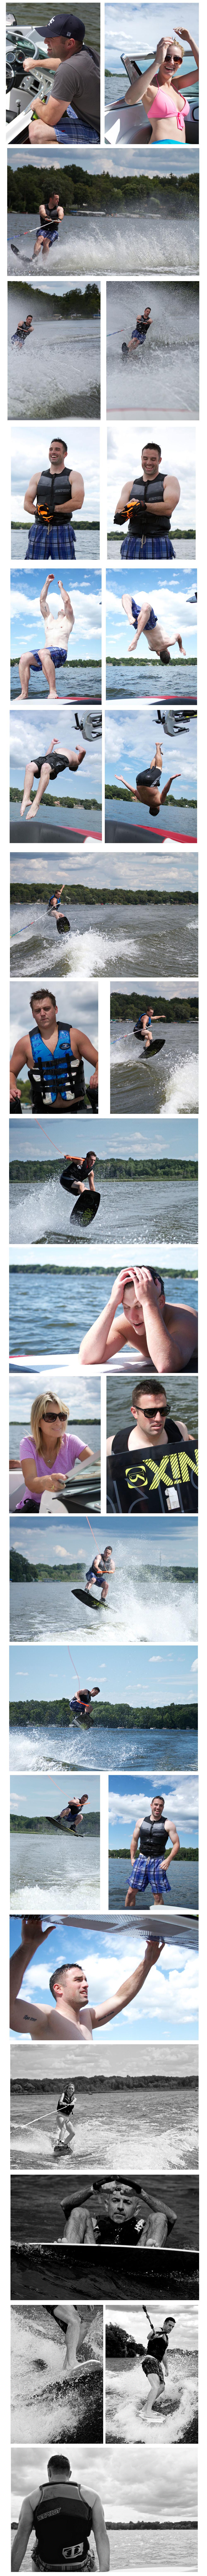 Wakeboarding.jpg